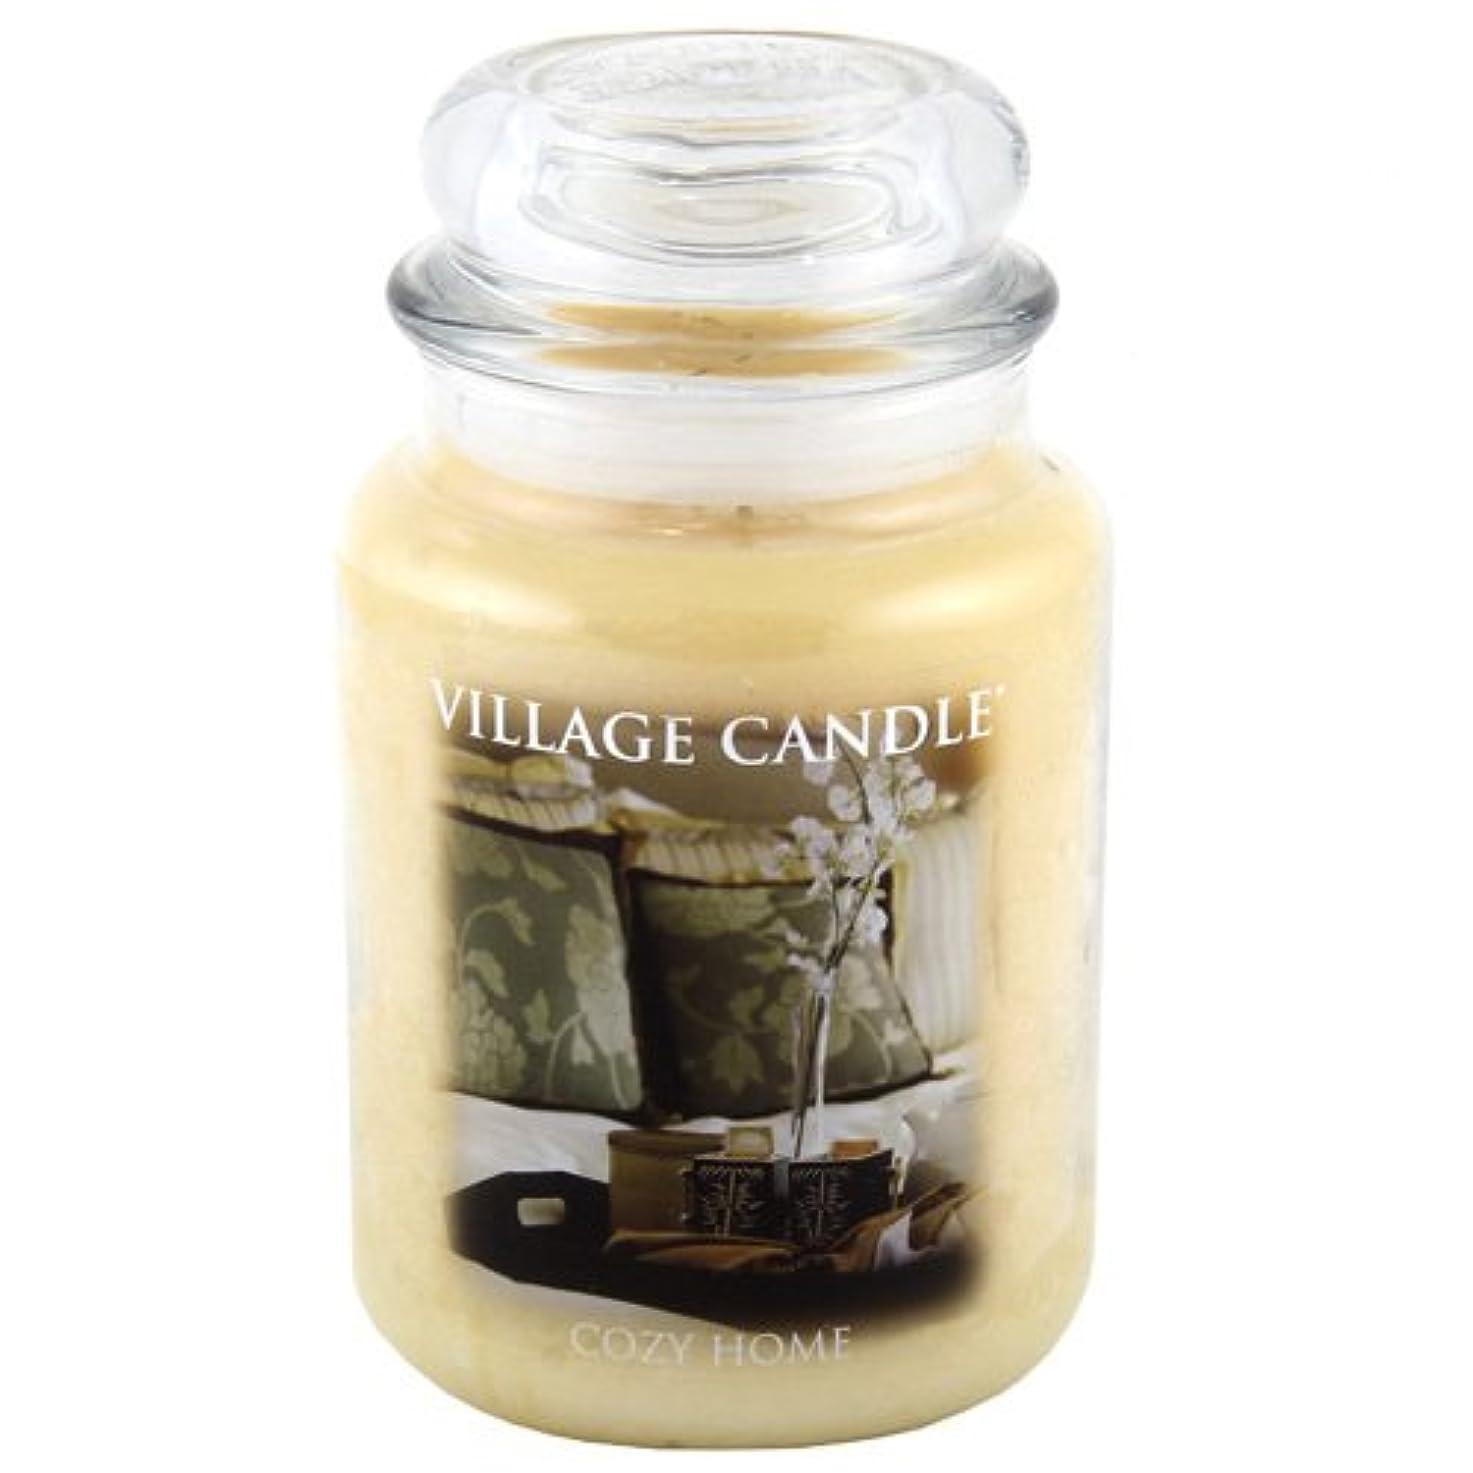 ダンプシリング広がりVillage Candle Large Fragranced Candle Jar - 17cm x 10cm - 26oz (1219g)- Cozy Home - upto 170 hours burn time...